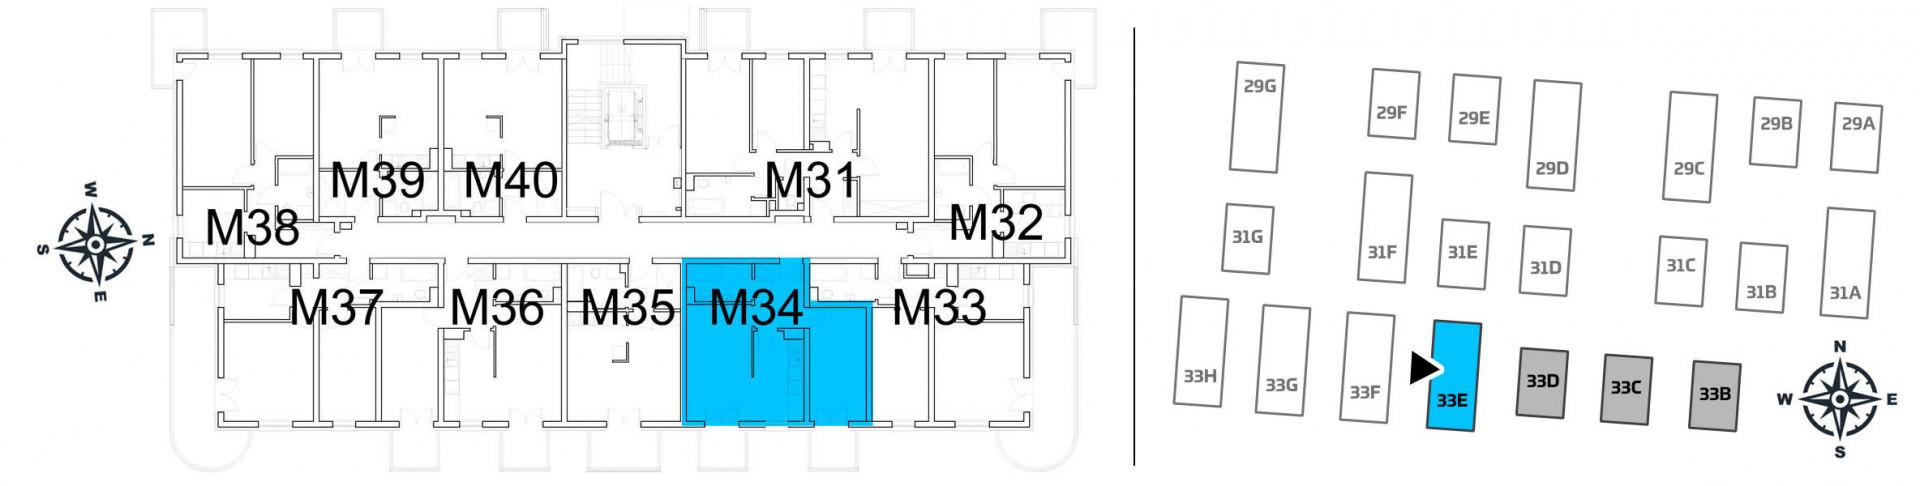 Mieszkanie dwupokojowe 33E/34 rzut 2